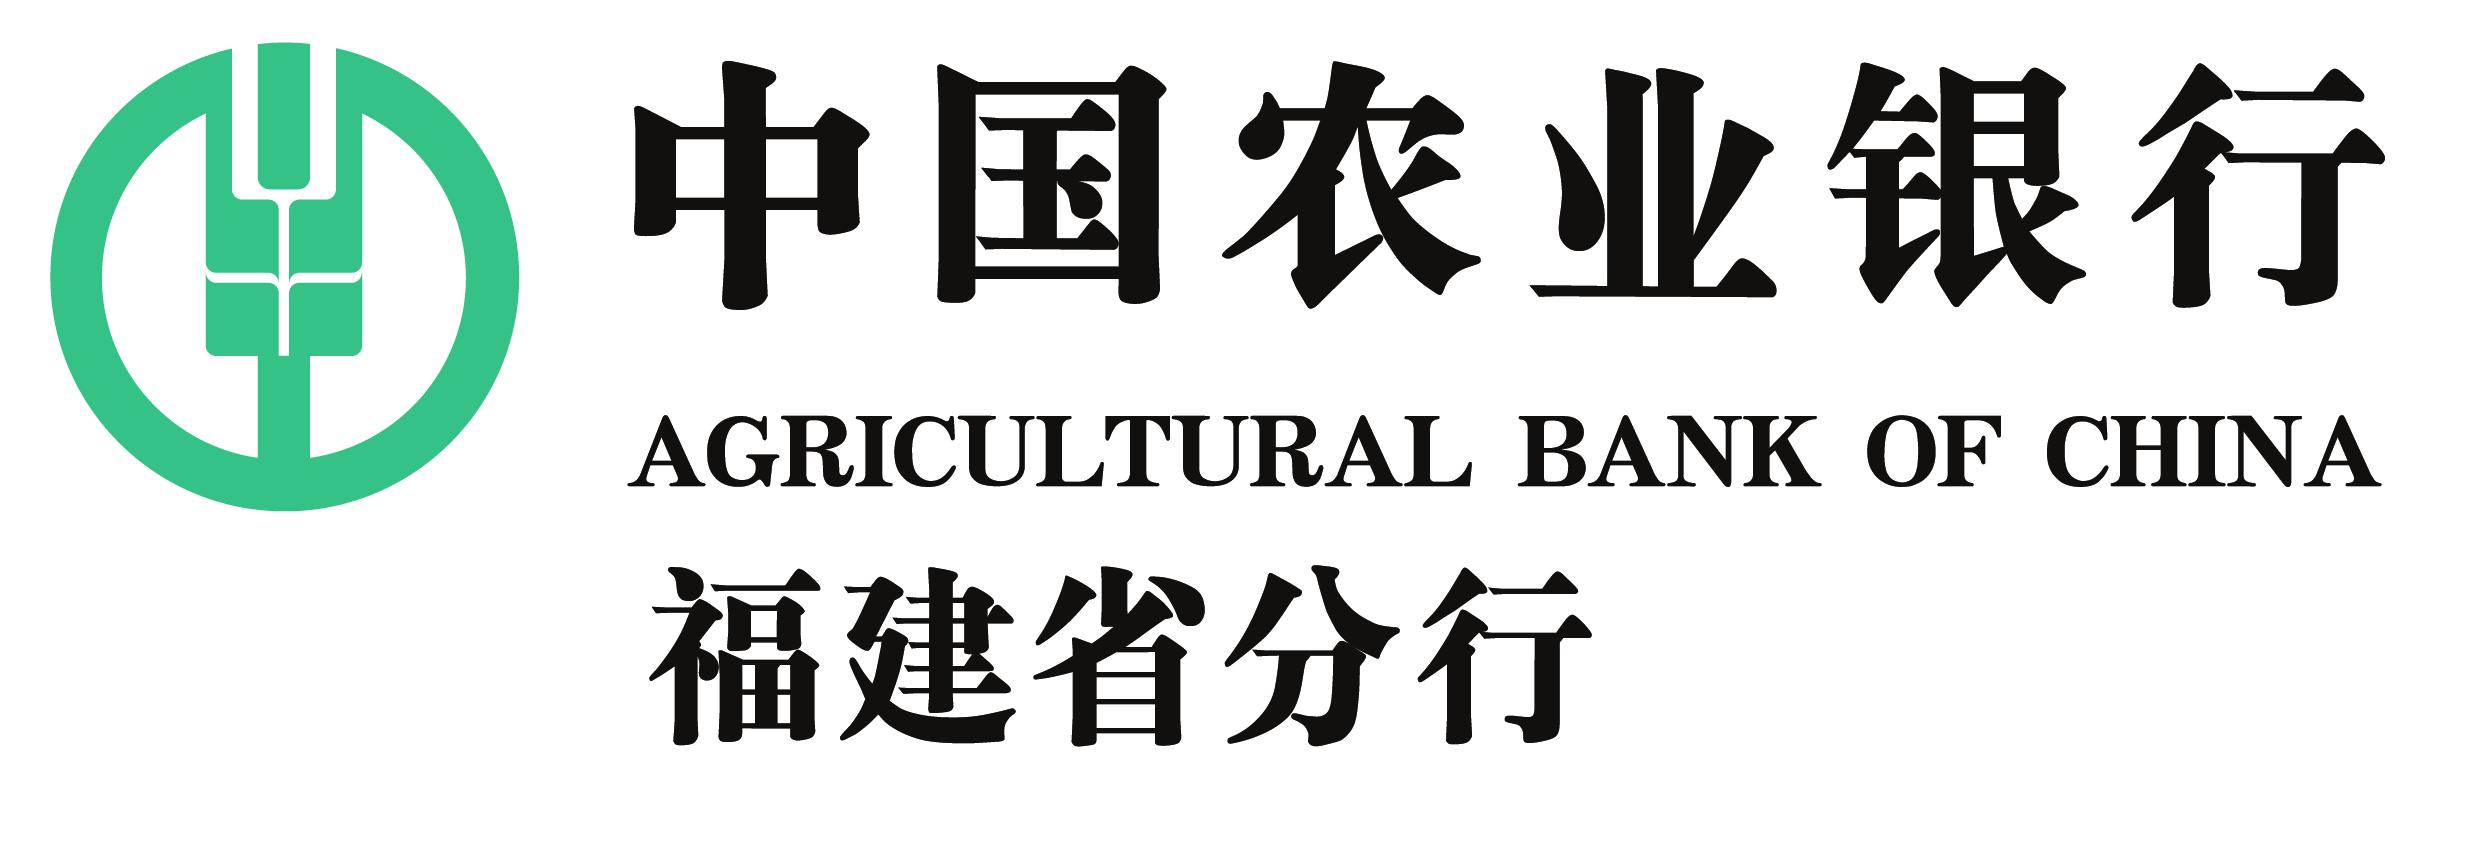 中国农业银行股份有限公司福建省分行logo